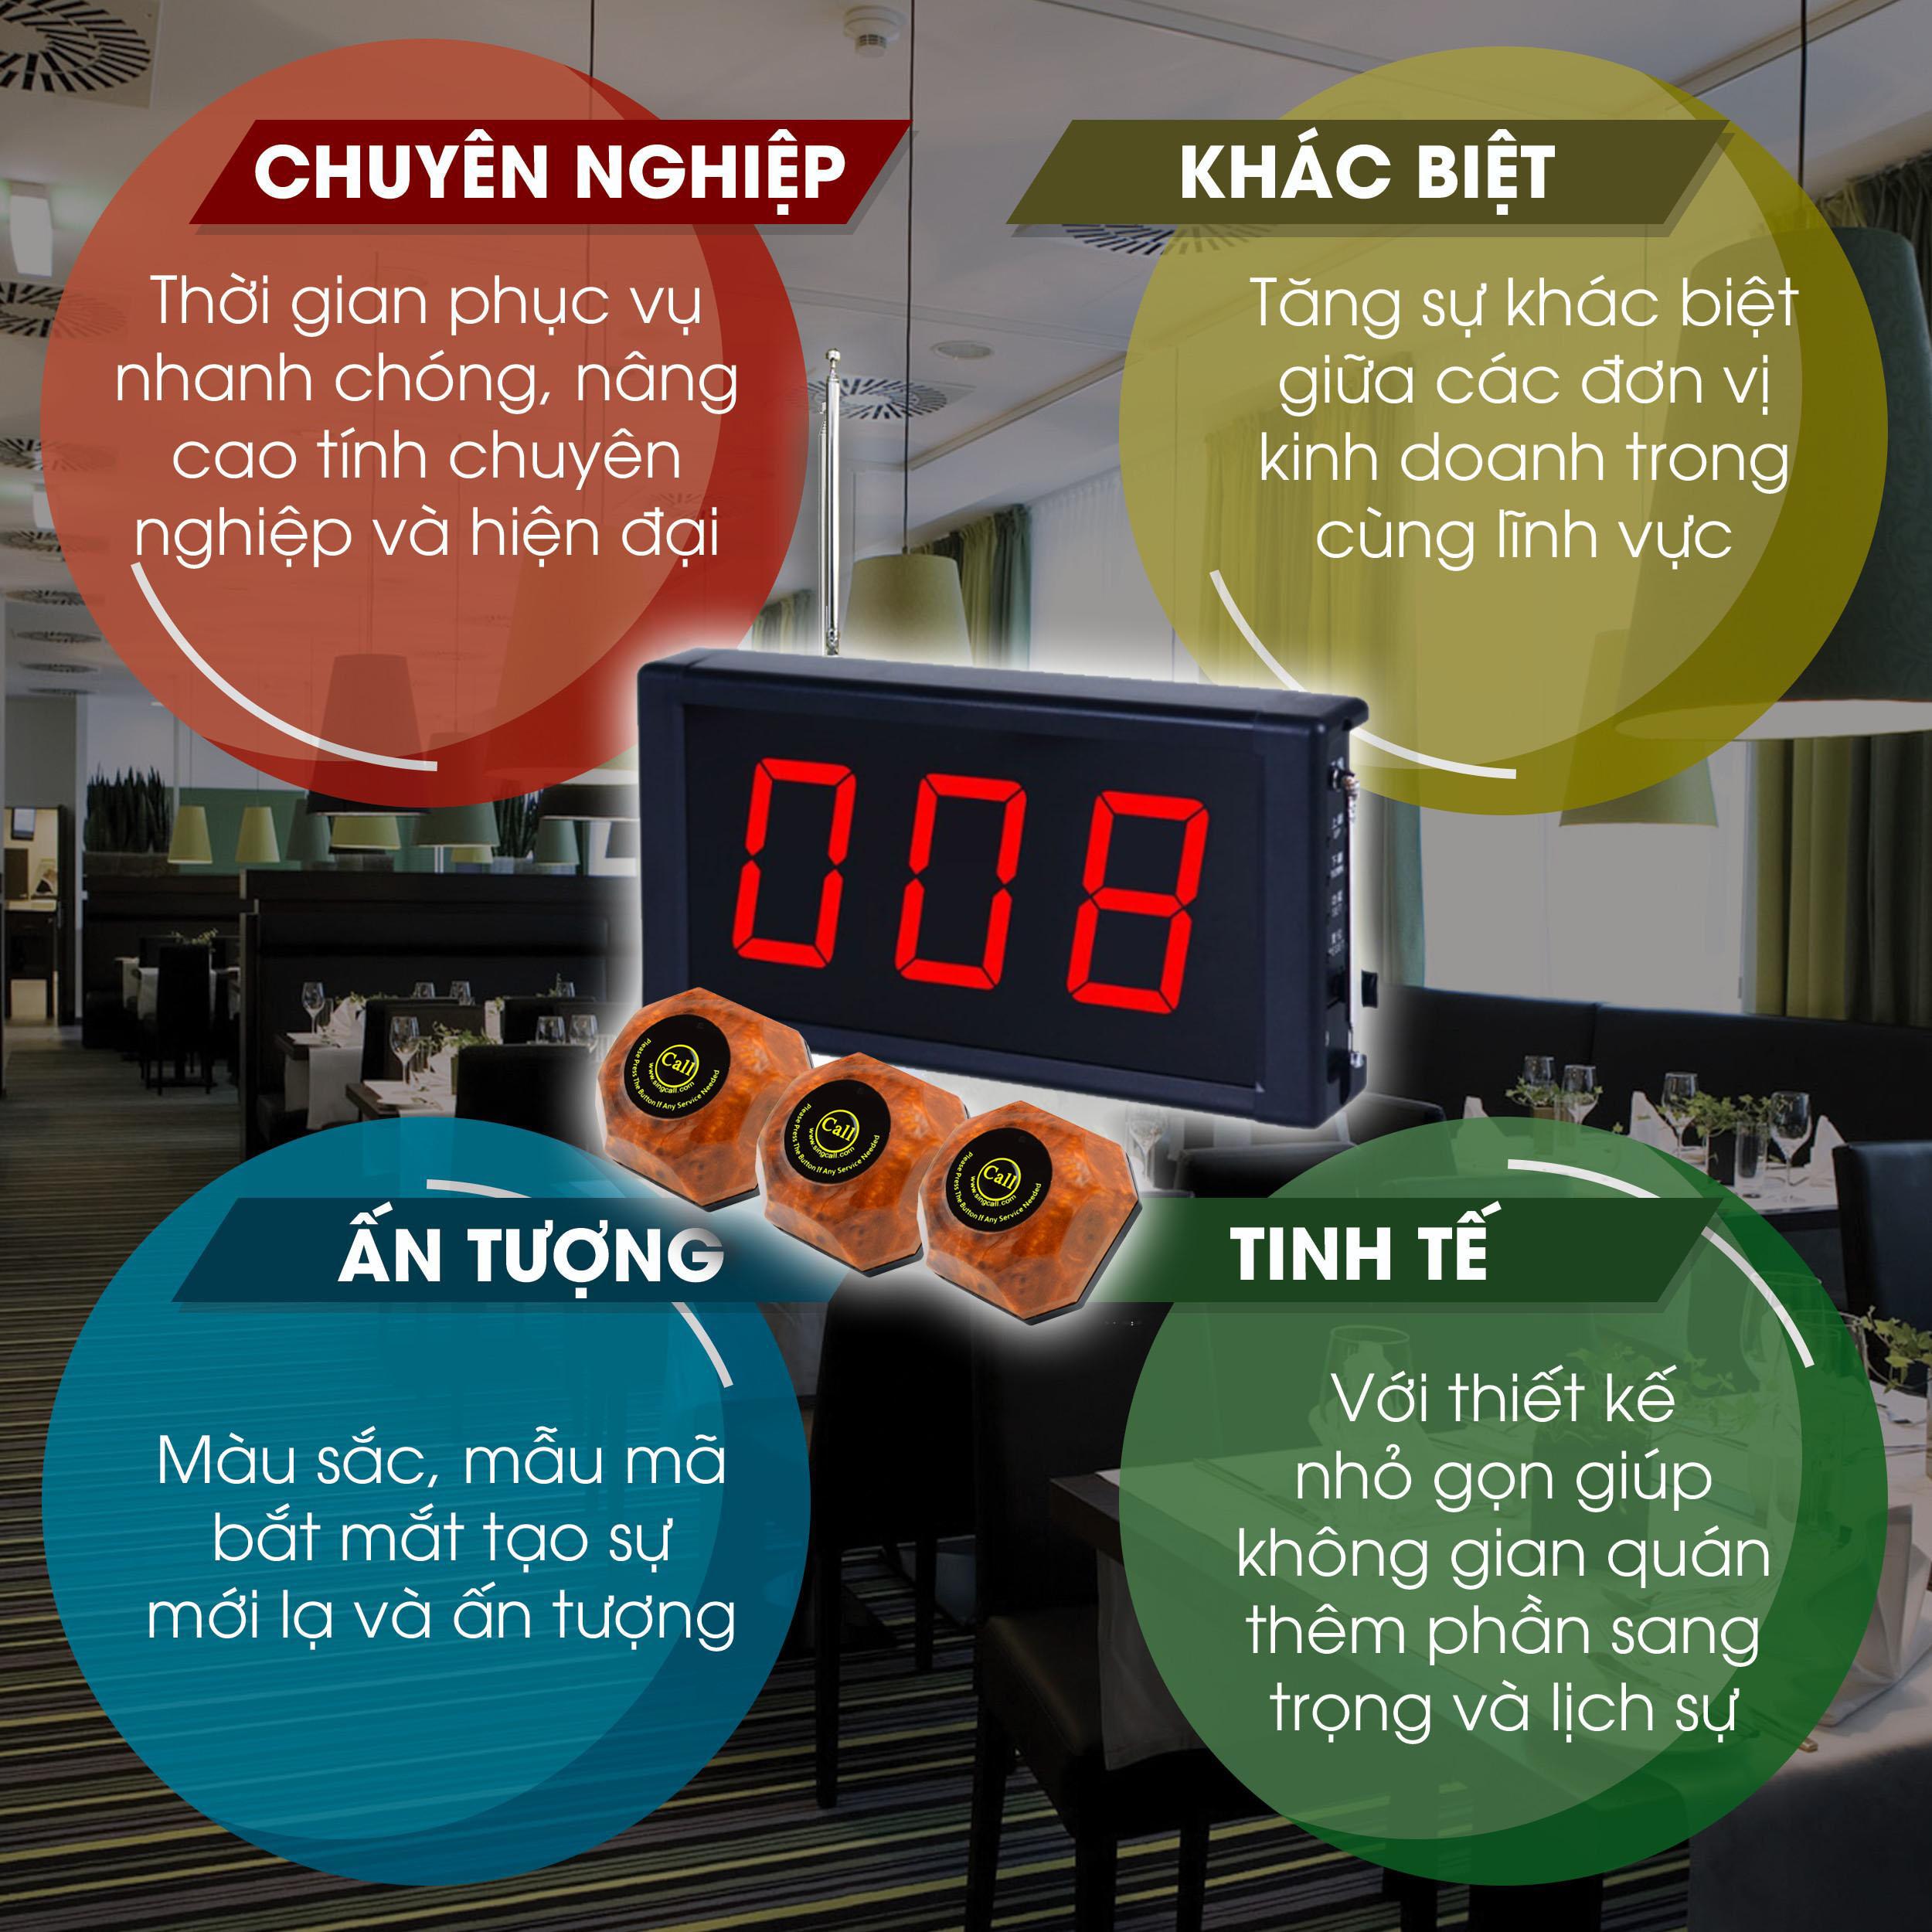 lợi ích chuông gọi phục vụ cho nhà hàng